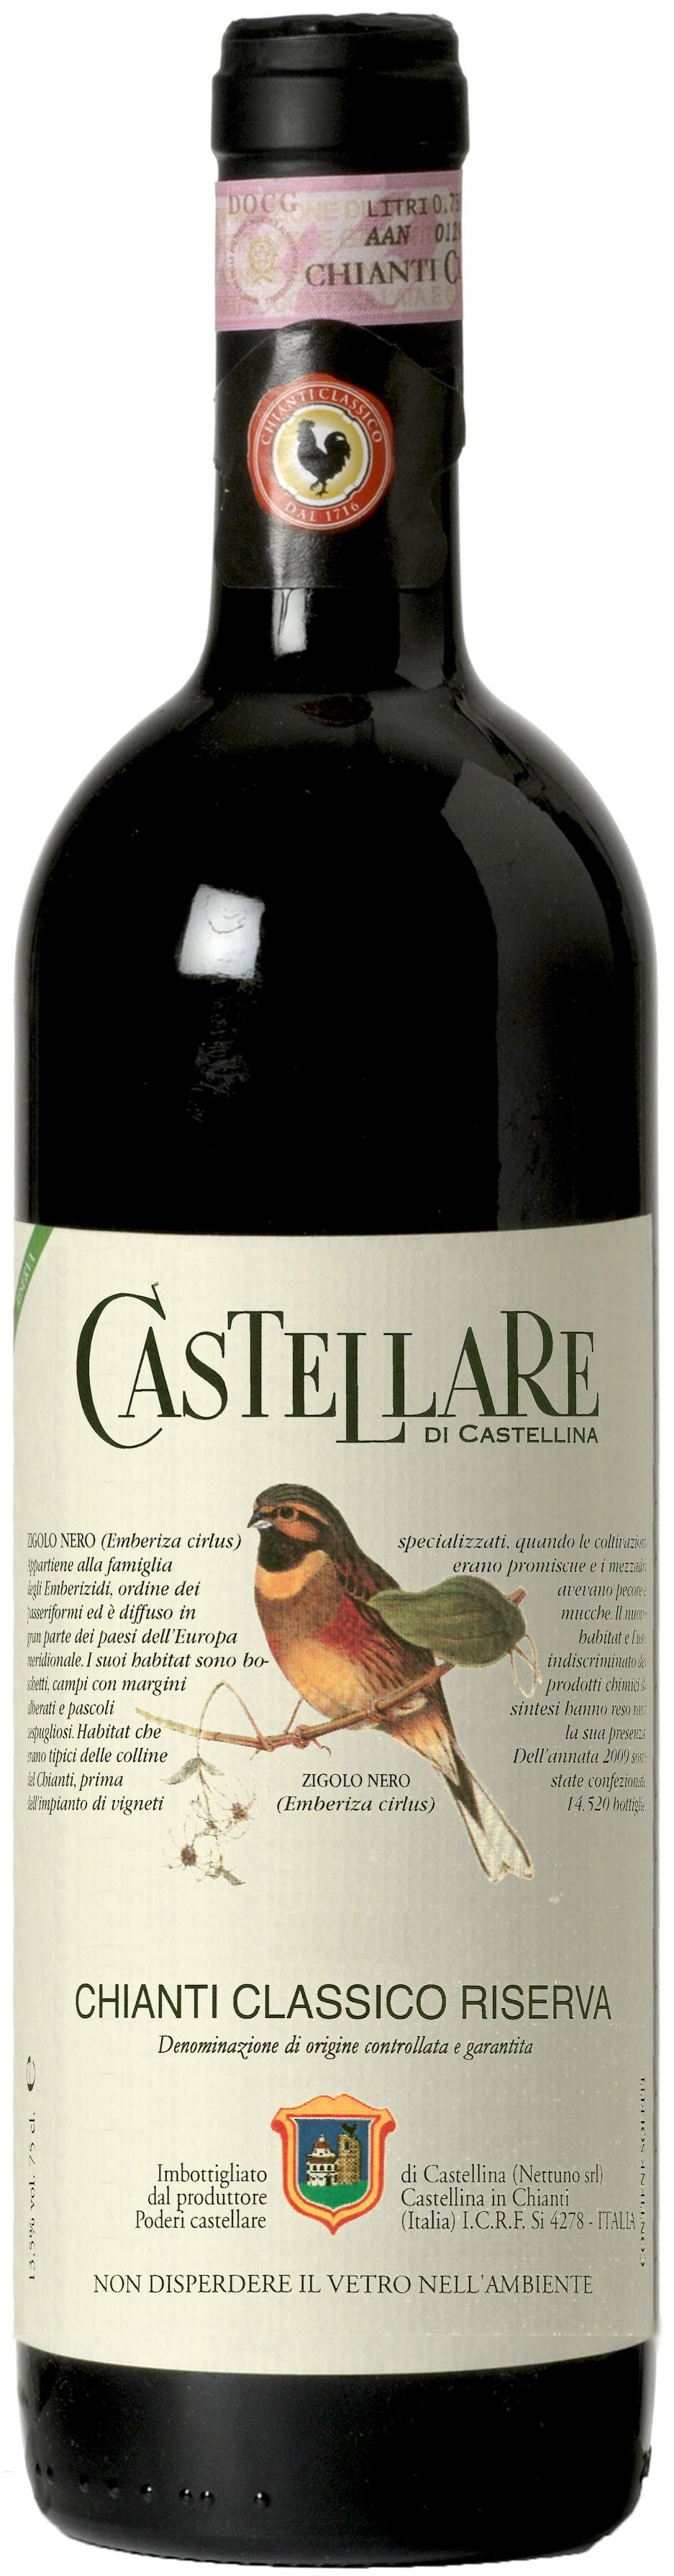 Castellare - Chianti Classico DOCG, 2013